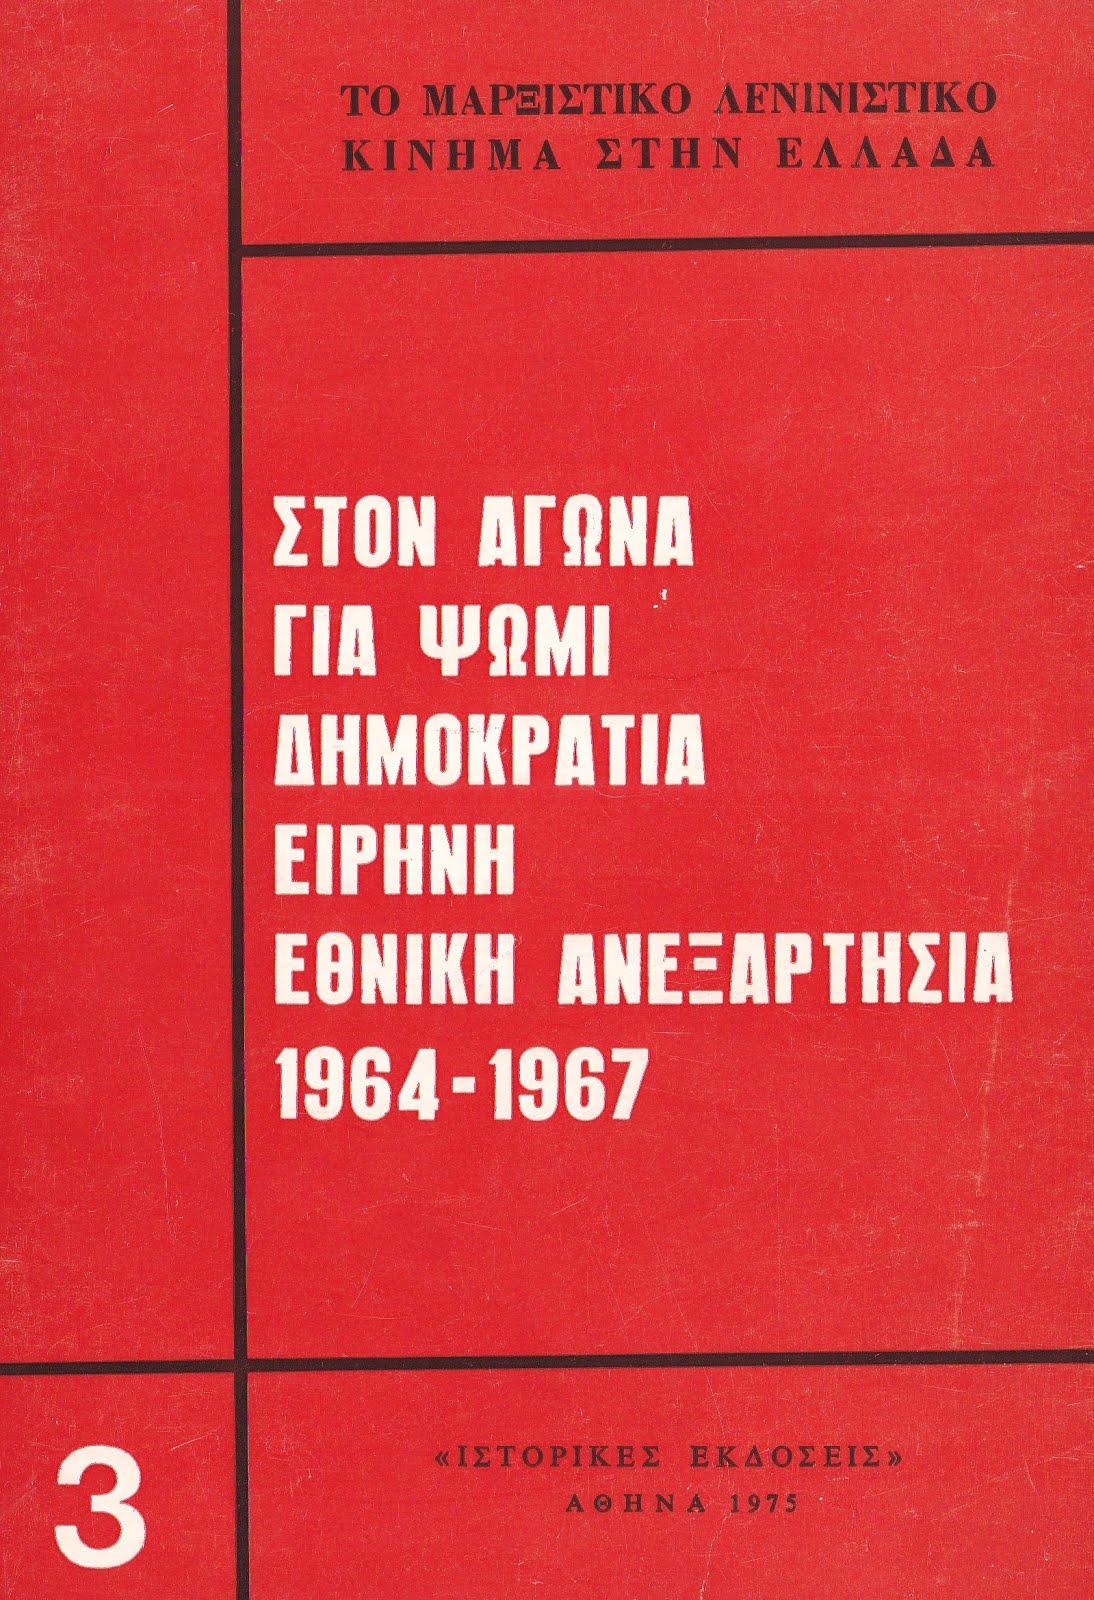 ΣΤΟΝ ΑΓΩΝΑ ΓΙΑ ΨΩΜΙ, ΔΗΜΟΚΡΑΤΙΑ, ΕΙΡΗΝΗ, ΕΘΝΙΚΗ ΑΝΕΞΑΡΤΗΣΙΑ 1964-1967 (3)